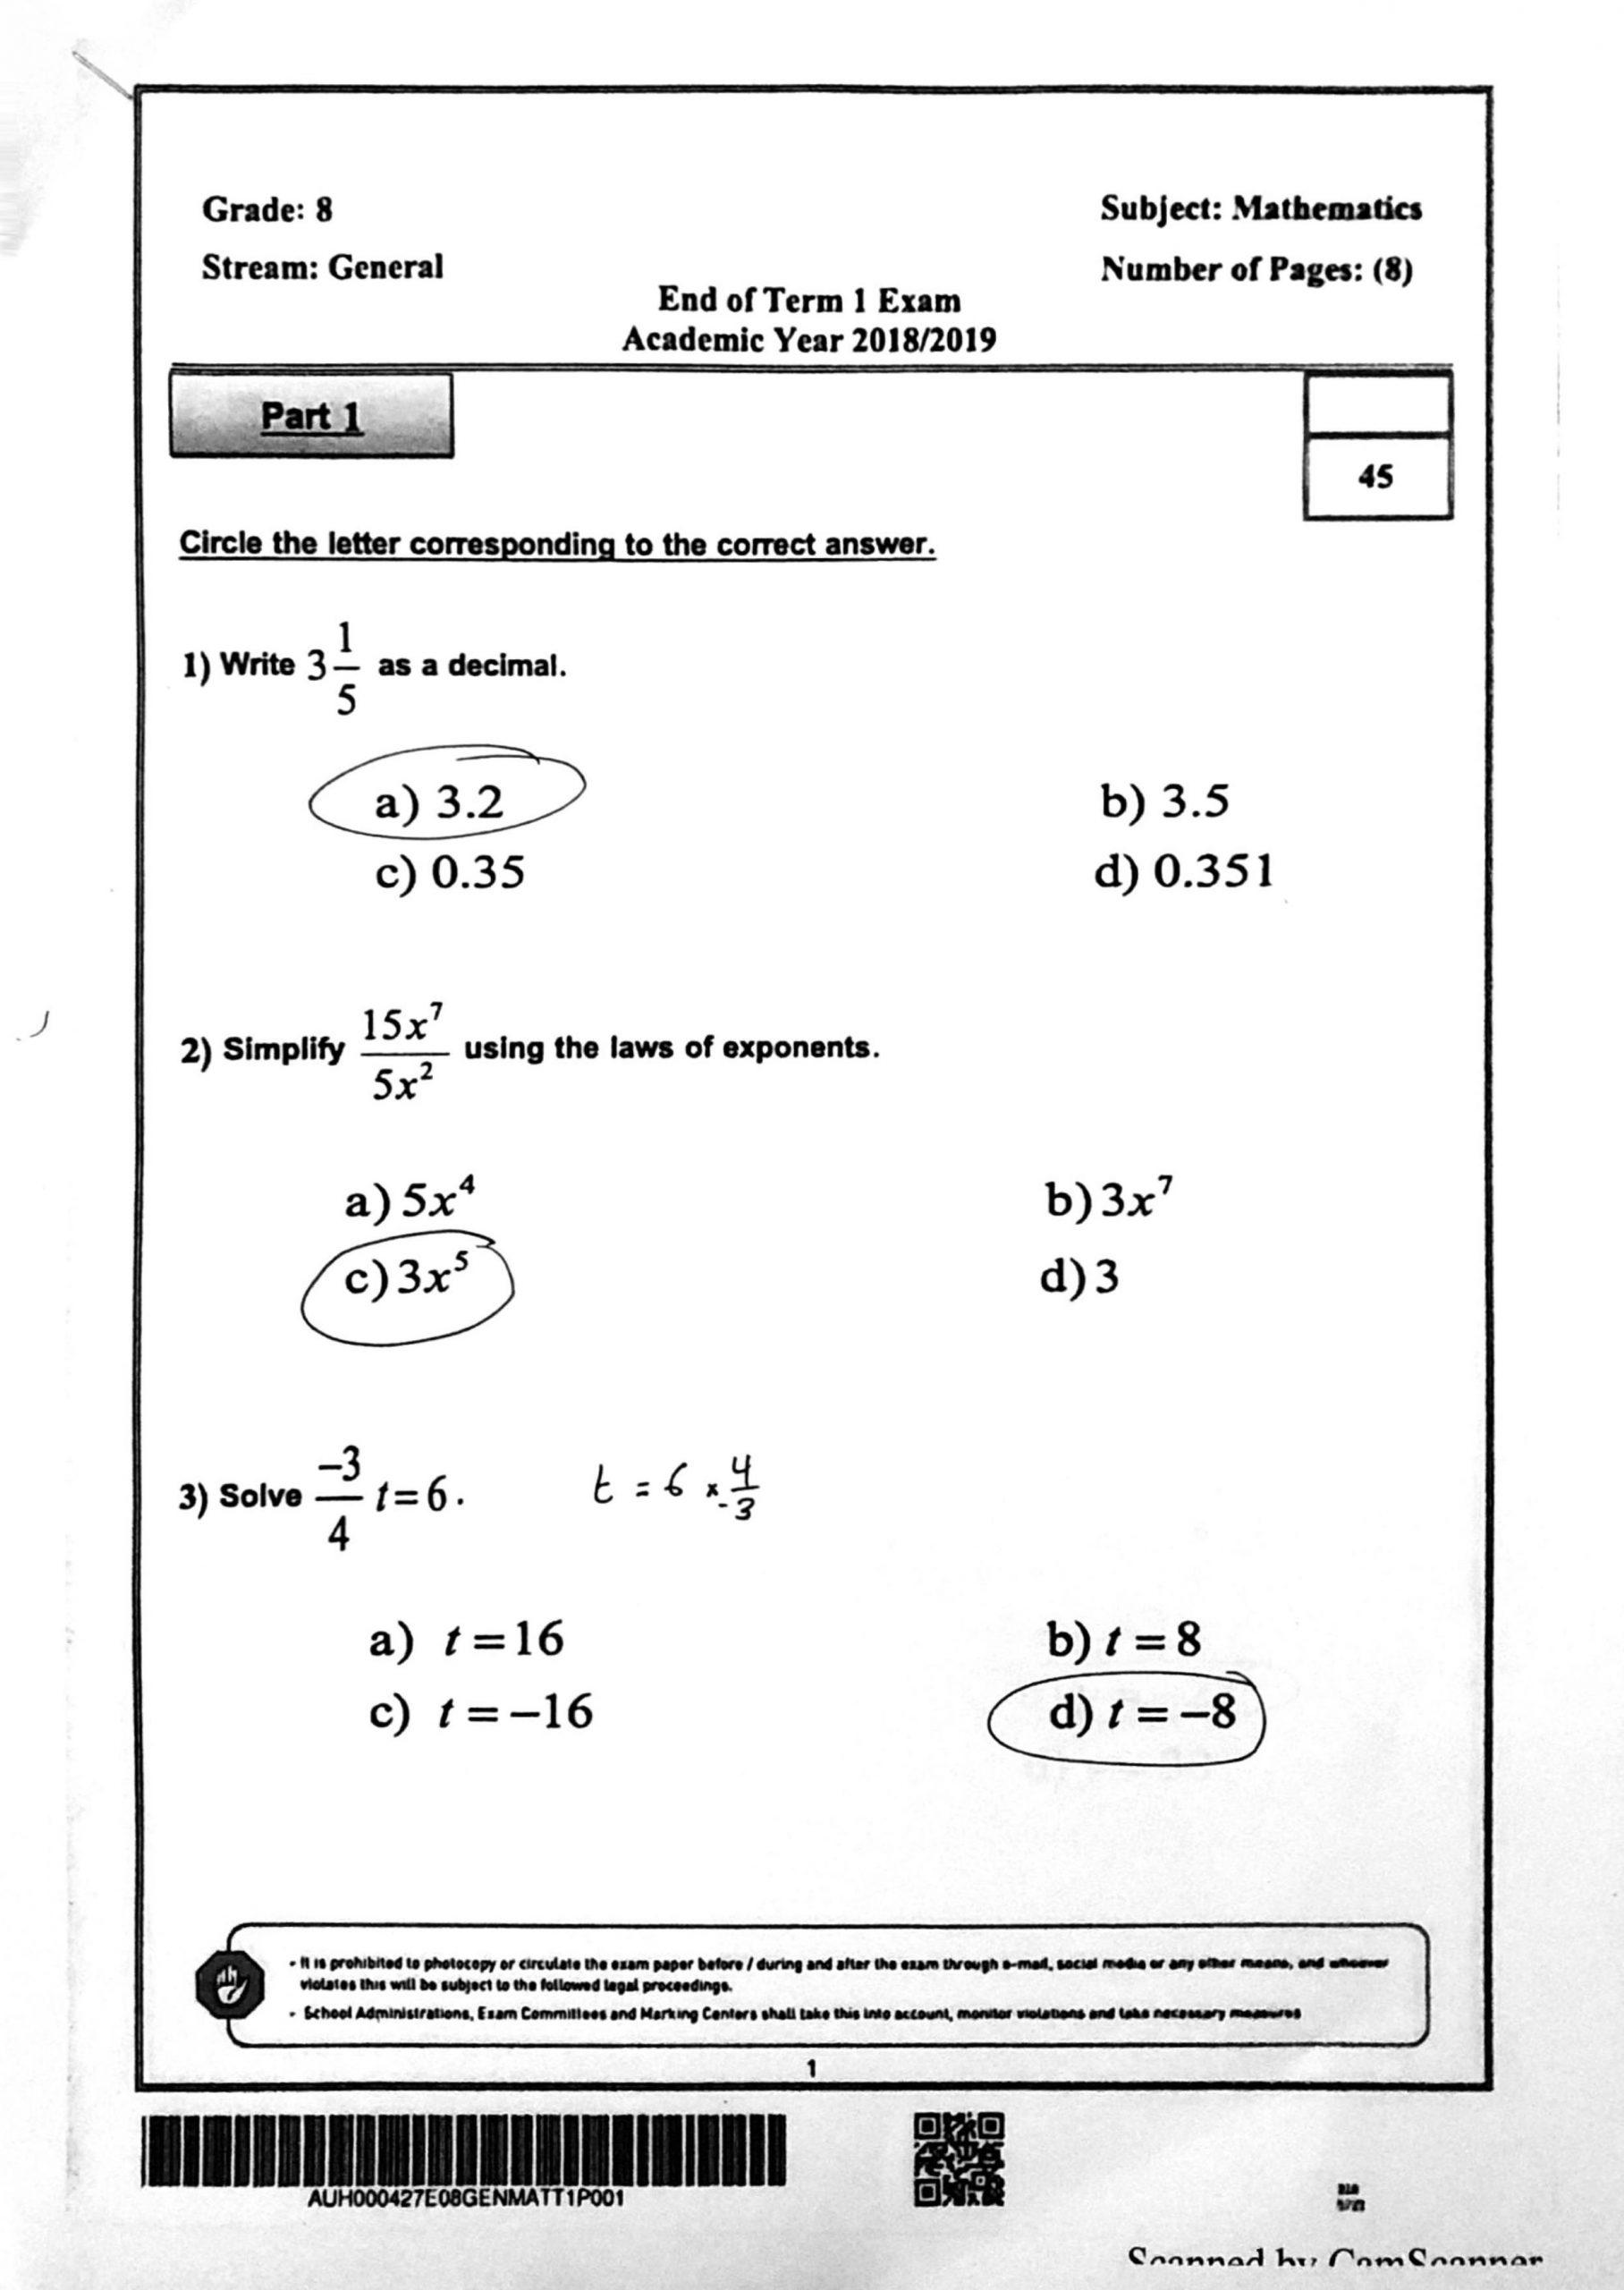 حل امتحان نهاية الفصل الدراسي الاول 2018-2019 بالانجليزي الصف الثامن مادة الرياضيات المتكاملة